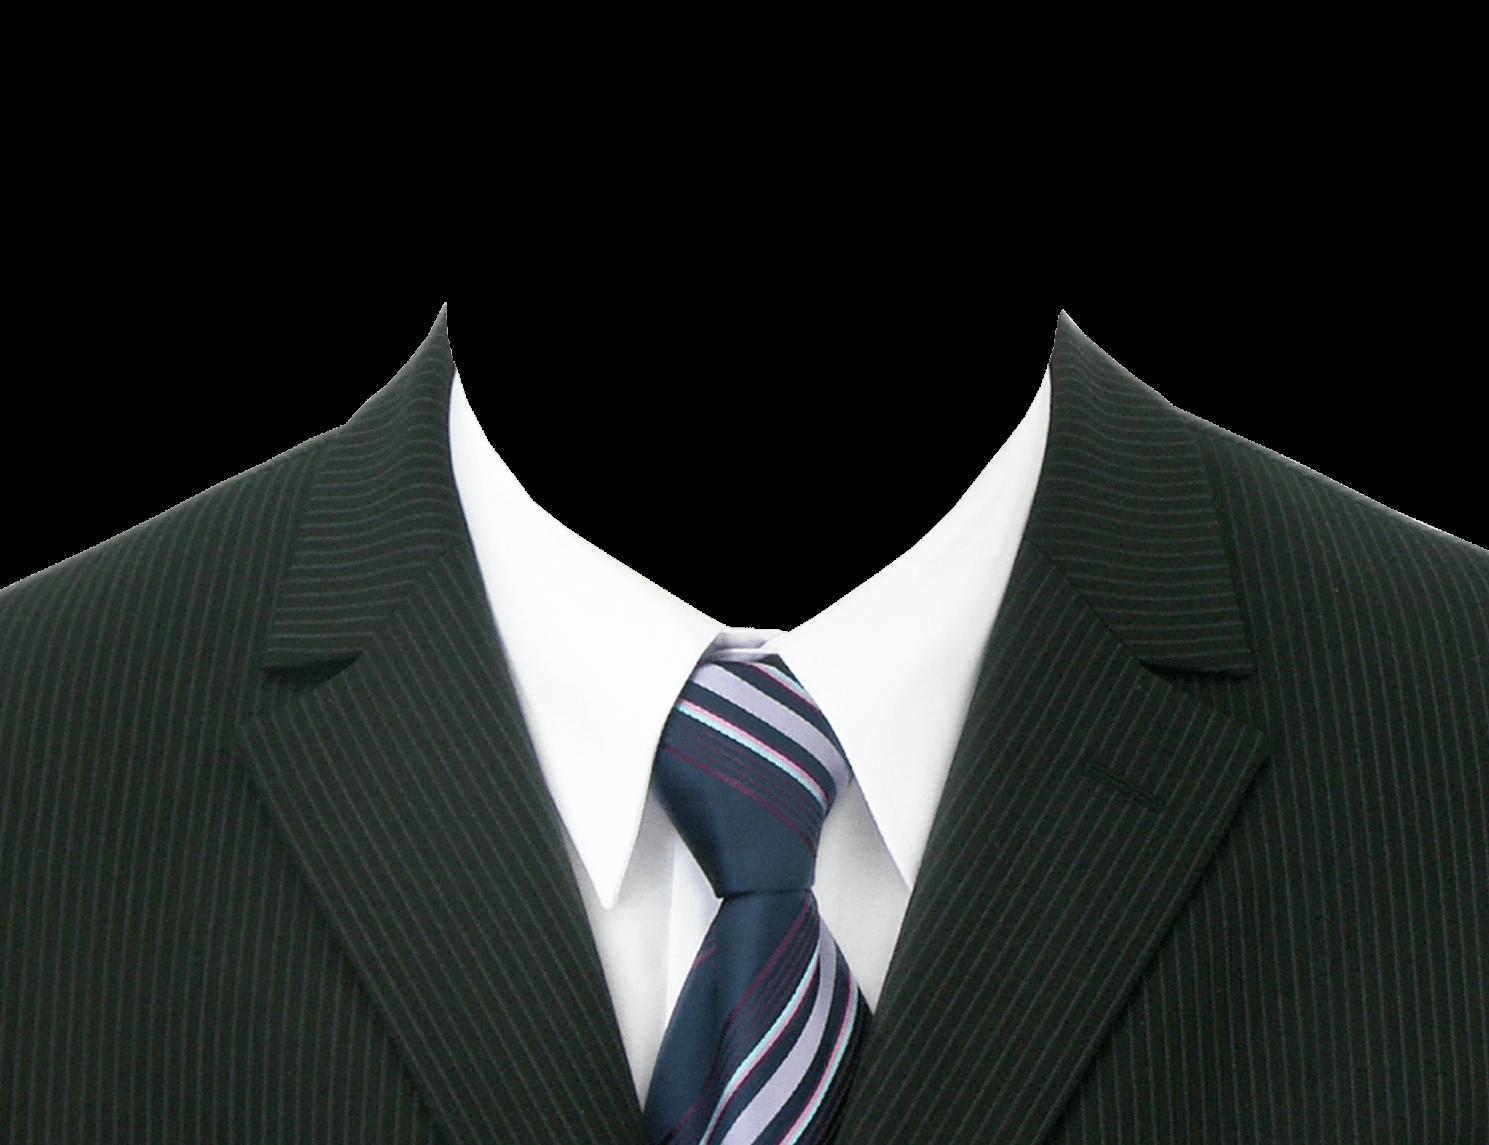 Tie clipart men's clothing Transparent Neck Suit Suit Tie